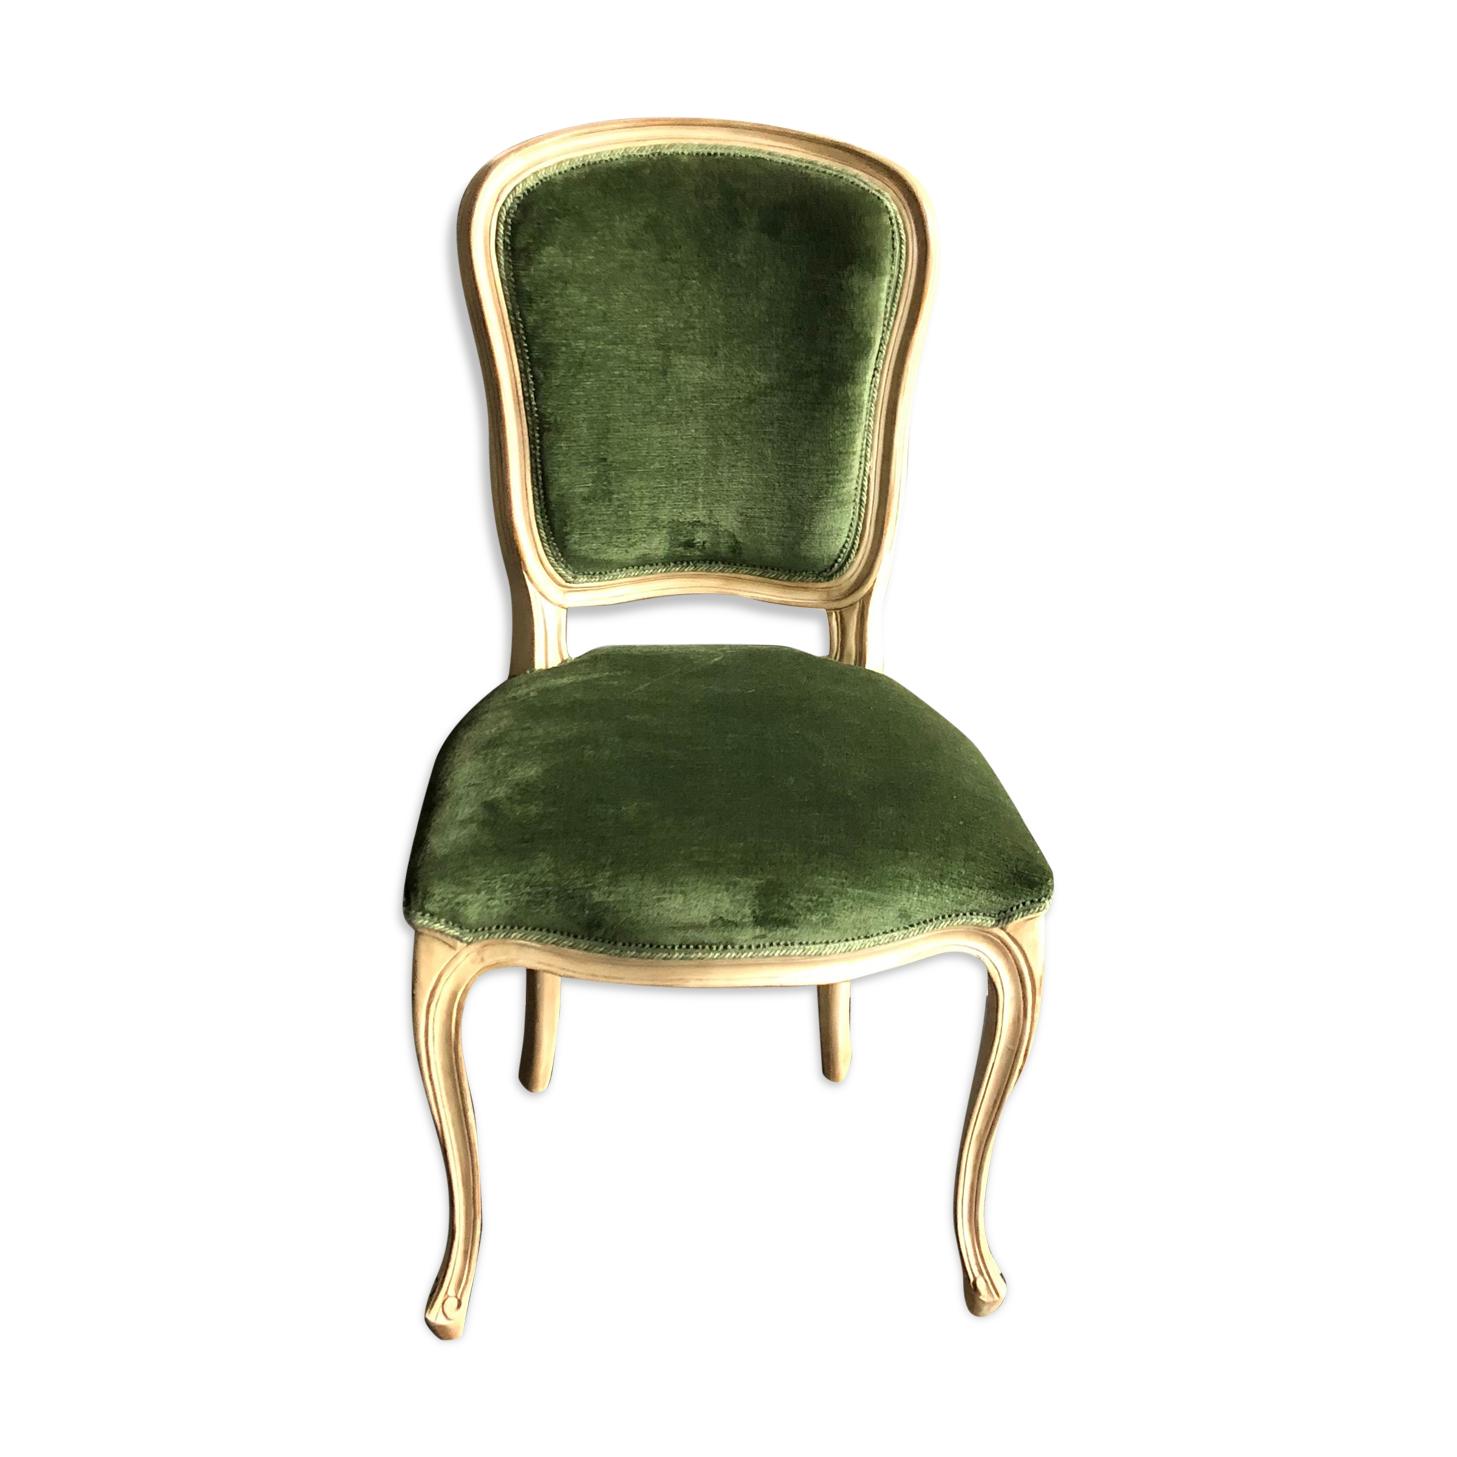 Chaise en bois et velours vert de style néoclassique Flamant